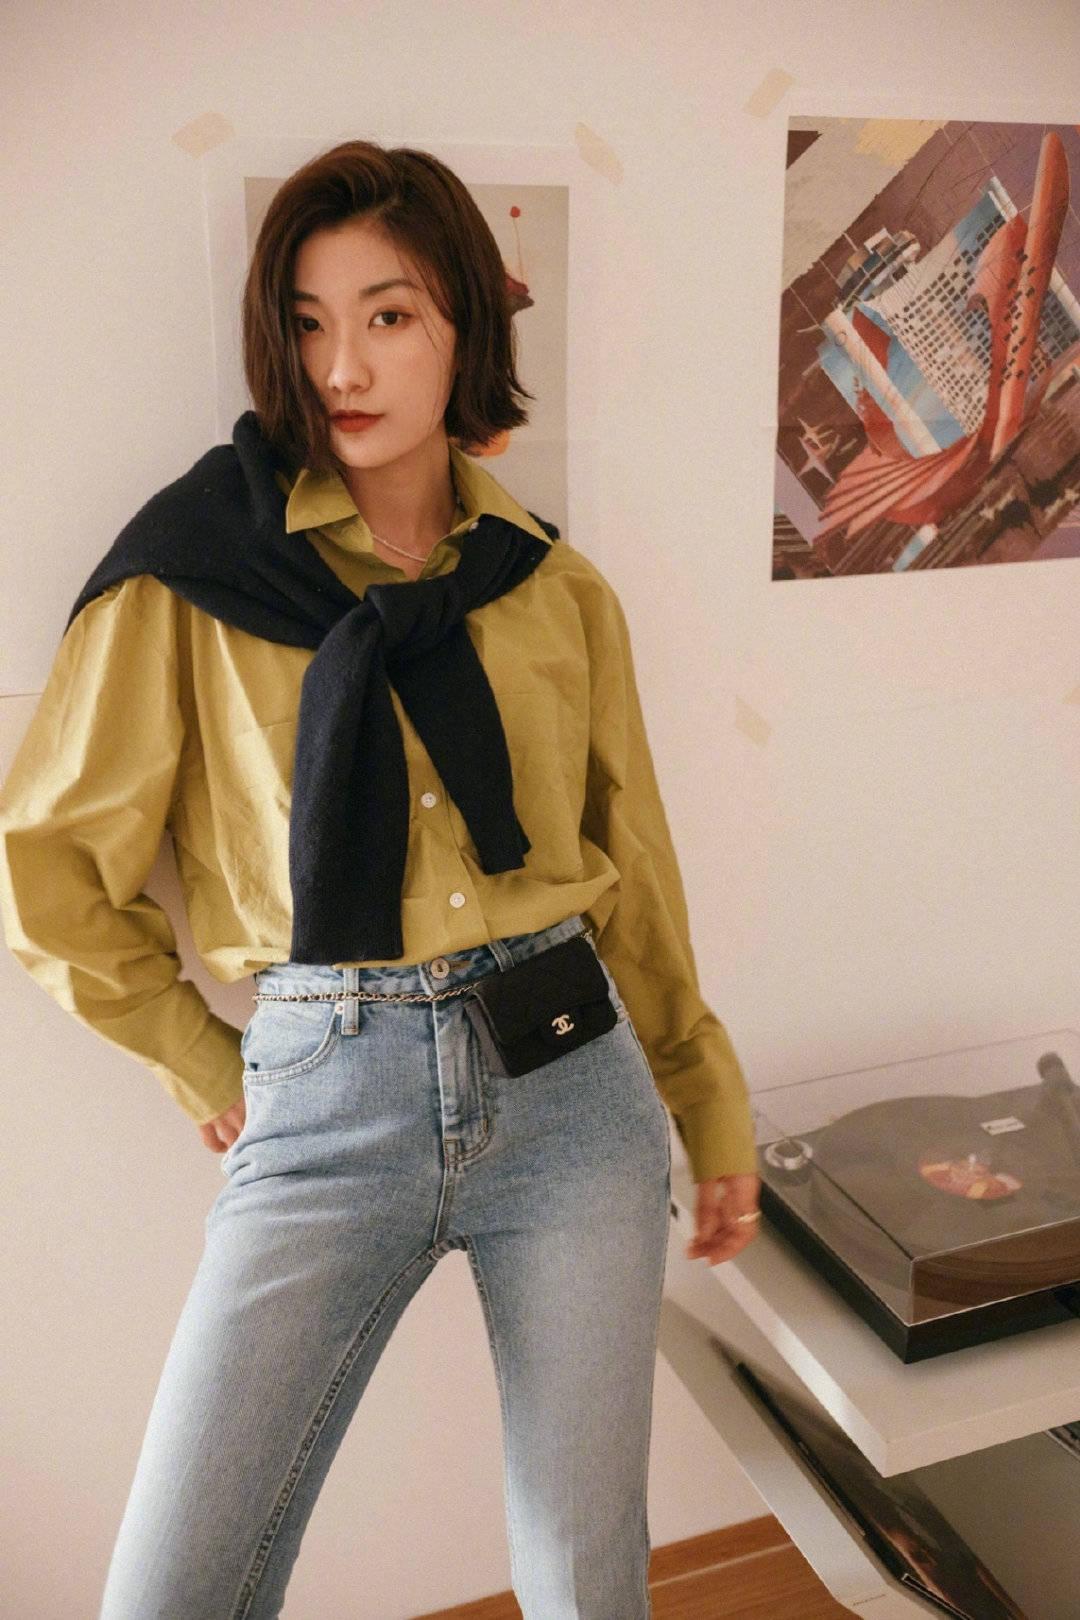 原创             普通平凡的衬衣如何带来时髦感?谜底就在于此单品的搭配法则